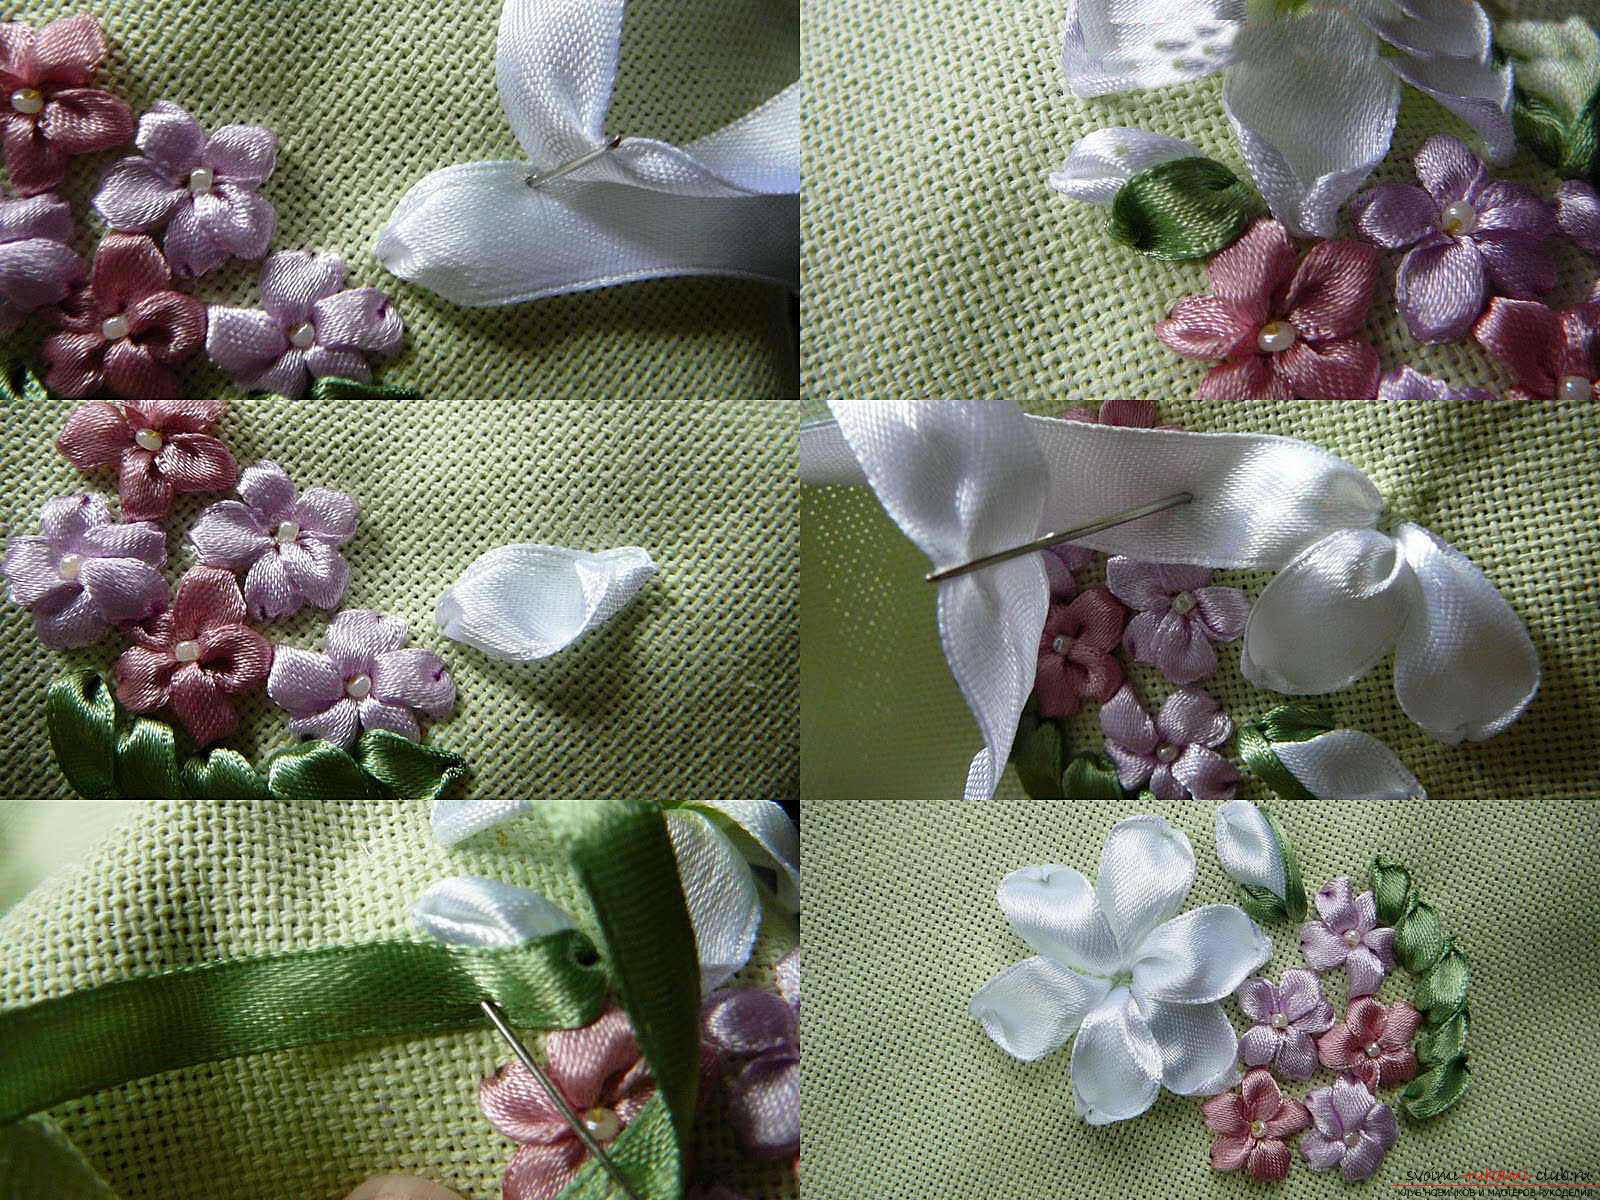 Вышивка лентами белых лилий. Фото №6